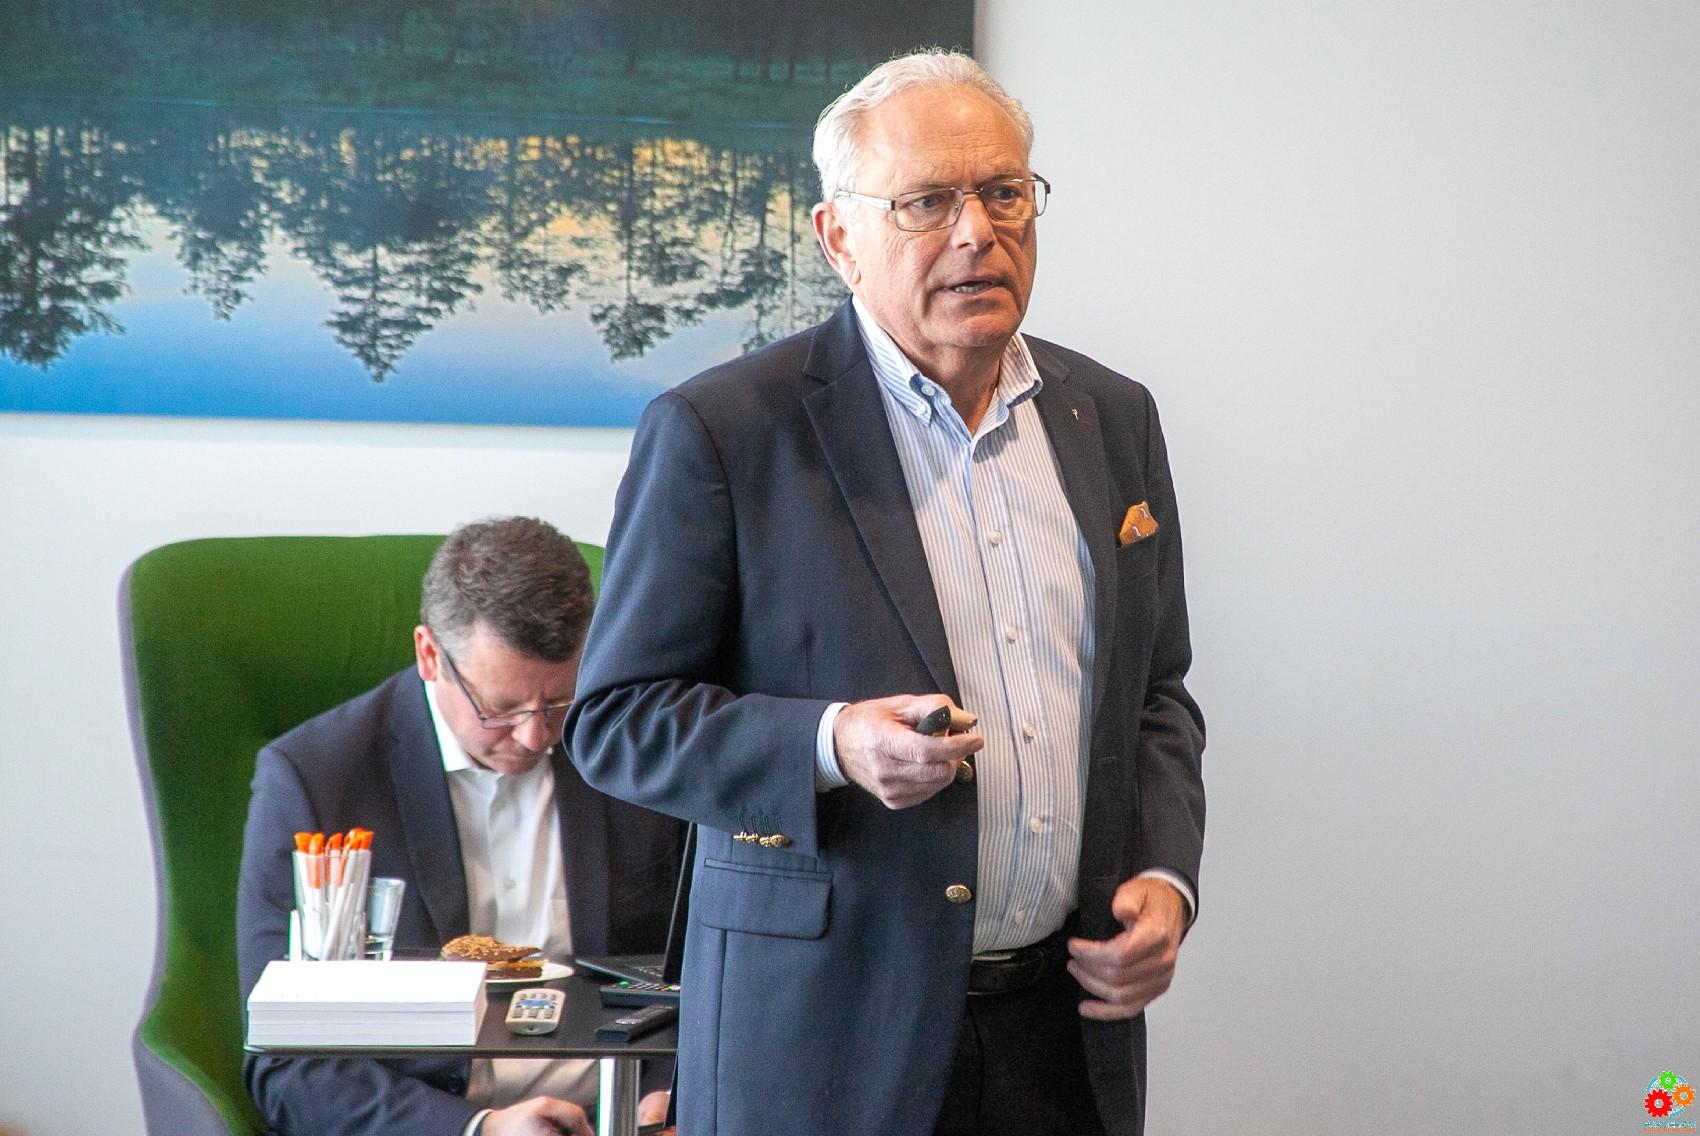 Новые назначения: Ян Палмер избран президентом ассоциации ERA